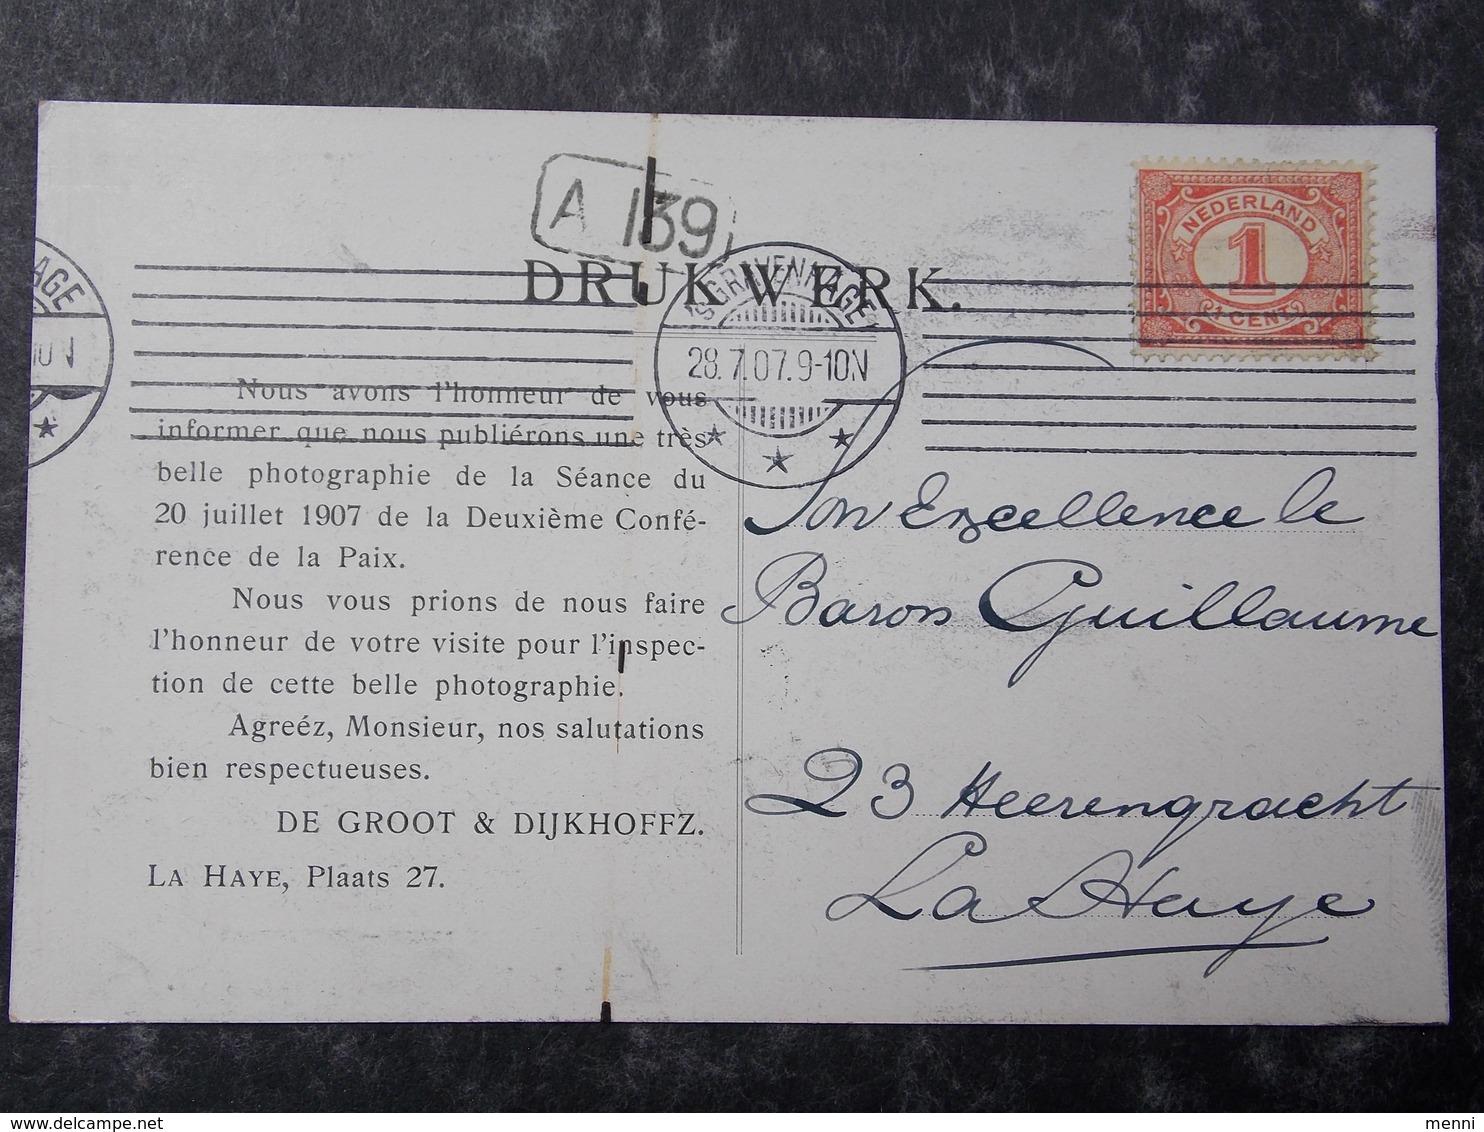 HOLLAND NEDERLAND NETHERLANDS - Den Haag - La Haye - 1907 PEACE CONFERENCE - Postcard #11/11 - Den Haag ('s-Gravenhage)